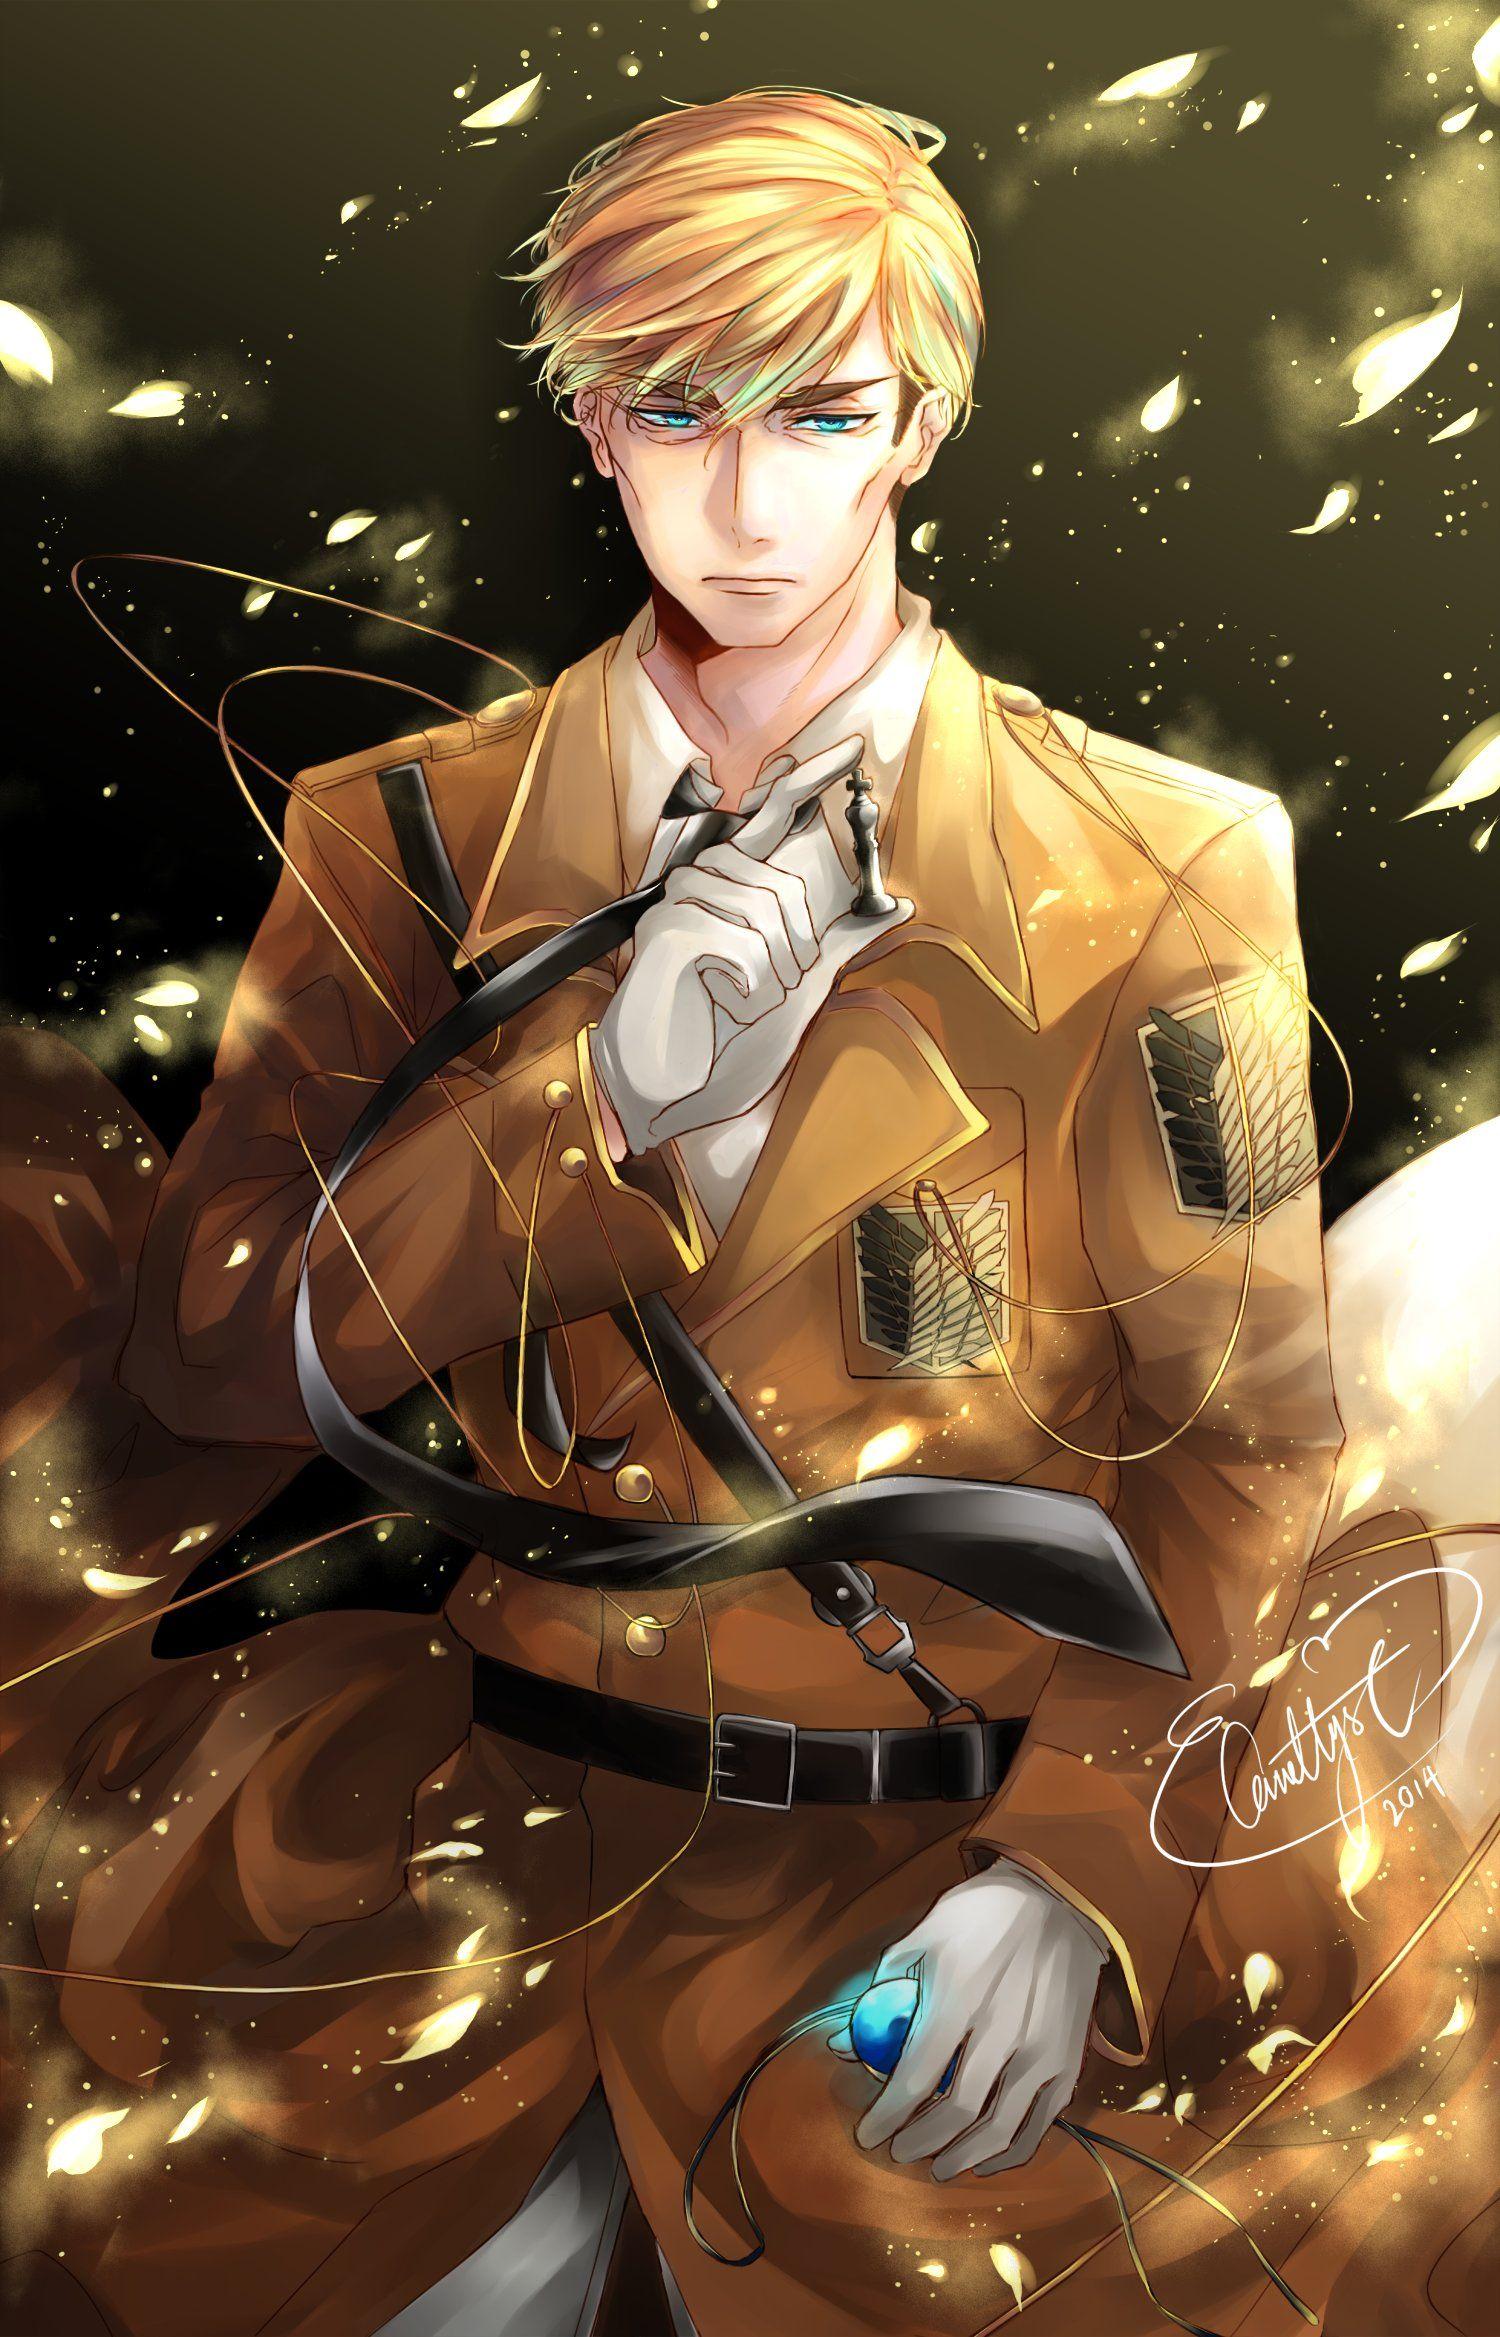 Erwin Smith Shingeki no Kyojin Attack on titan art